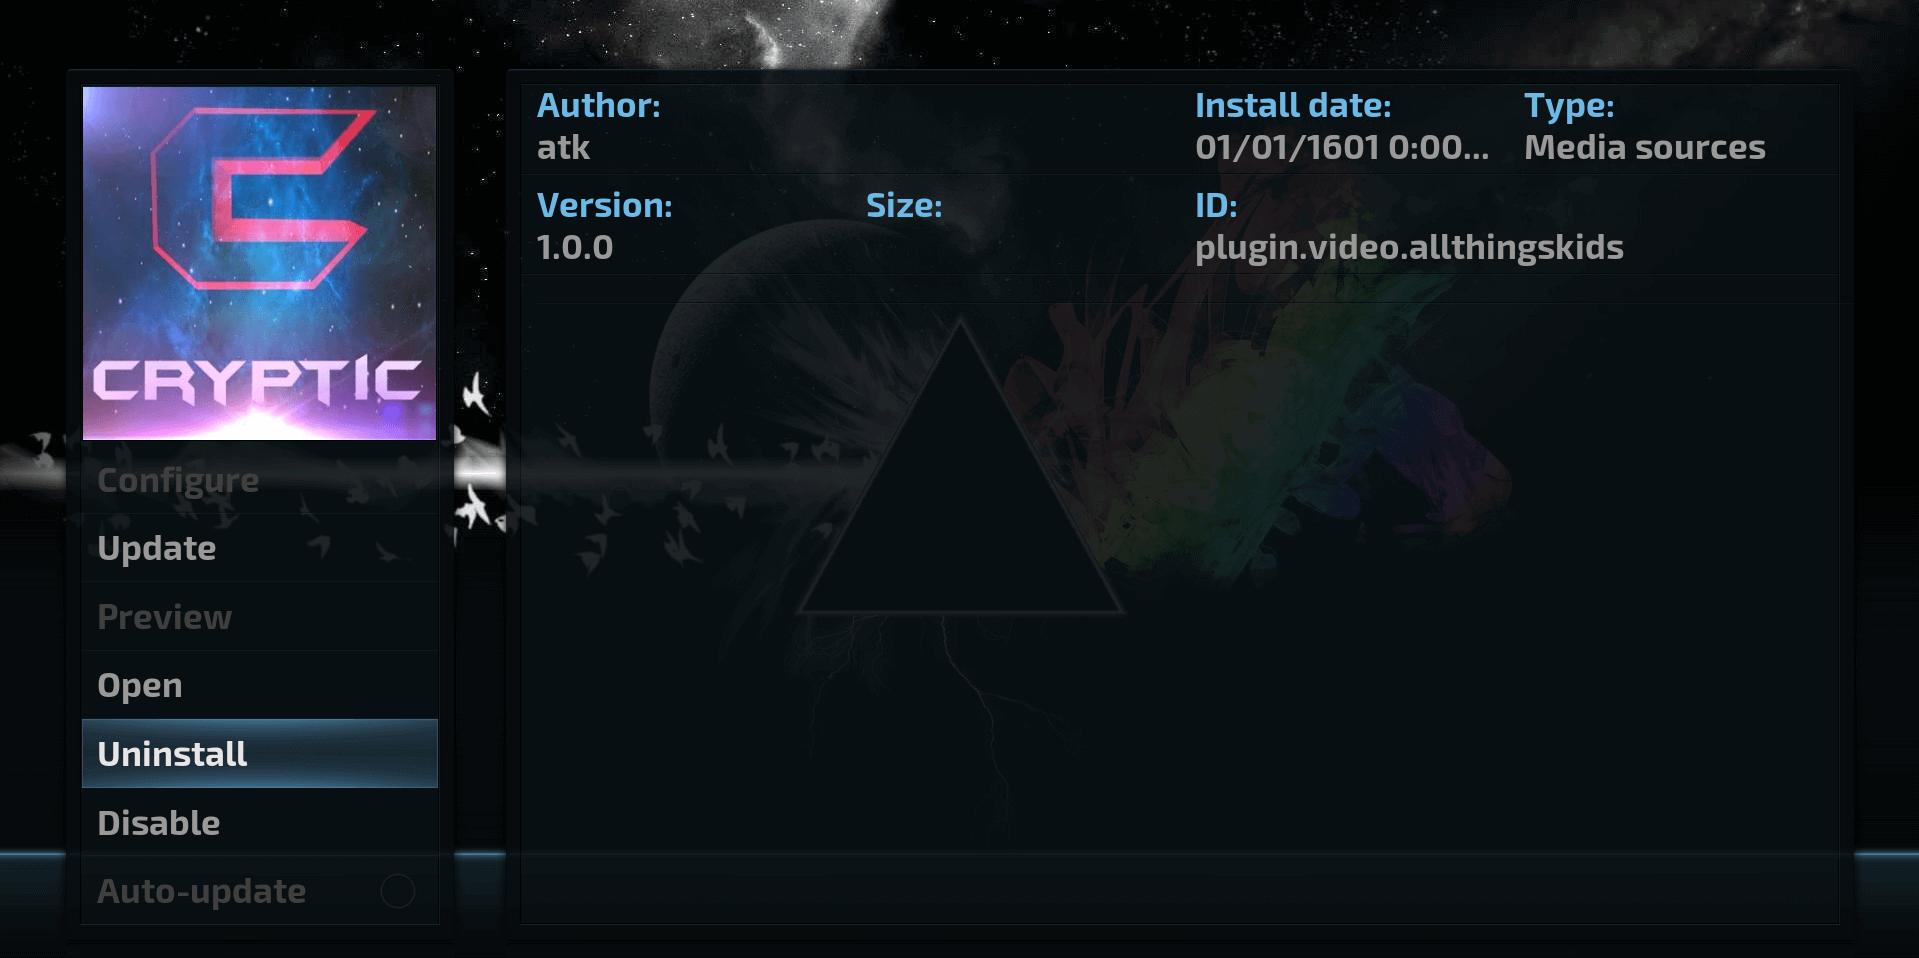 How to Install Cryptic Kodi addon on Krypton